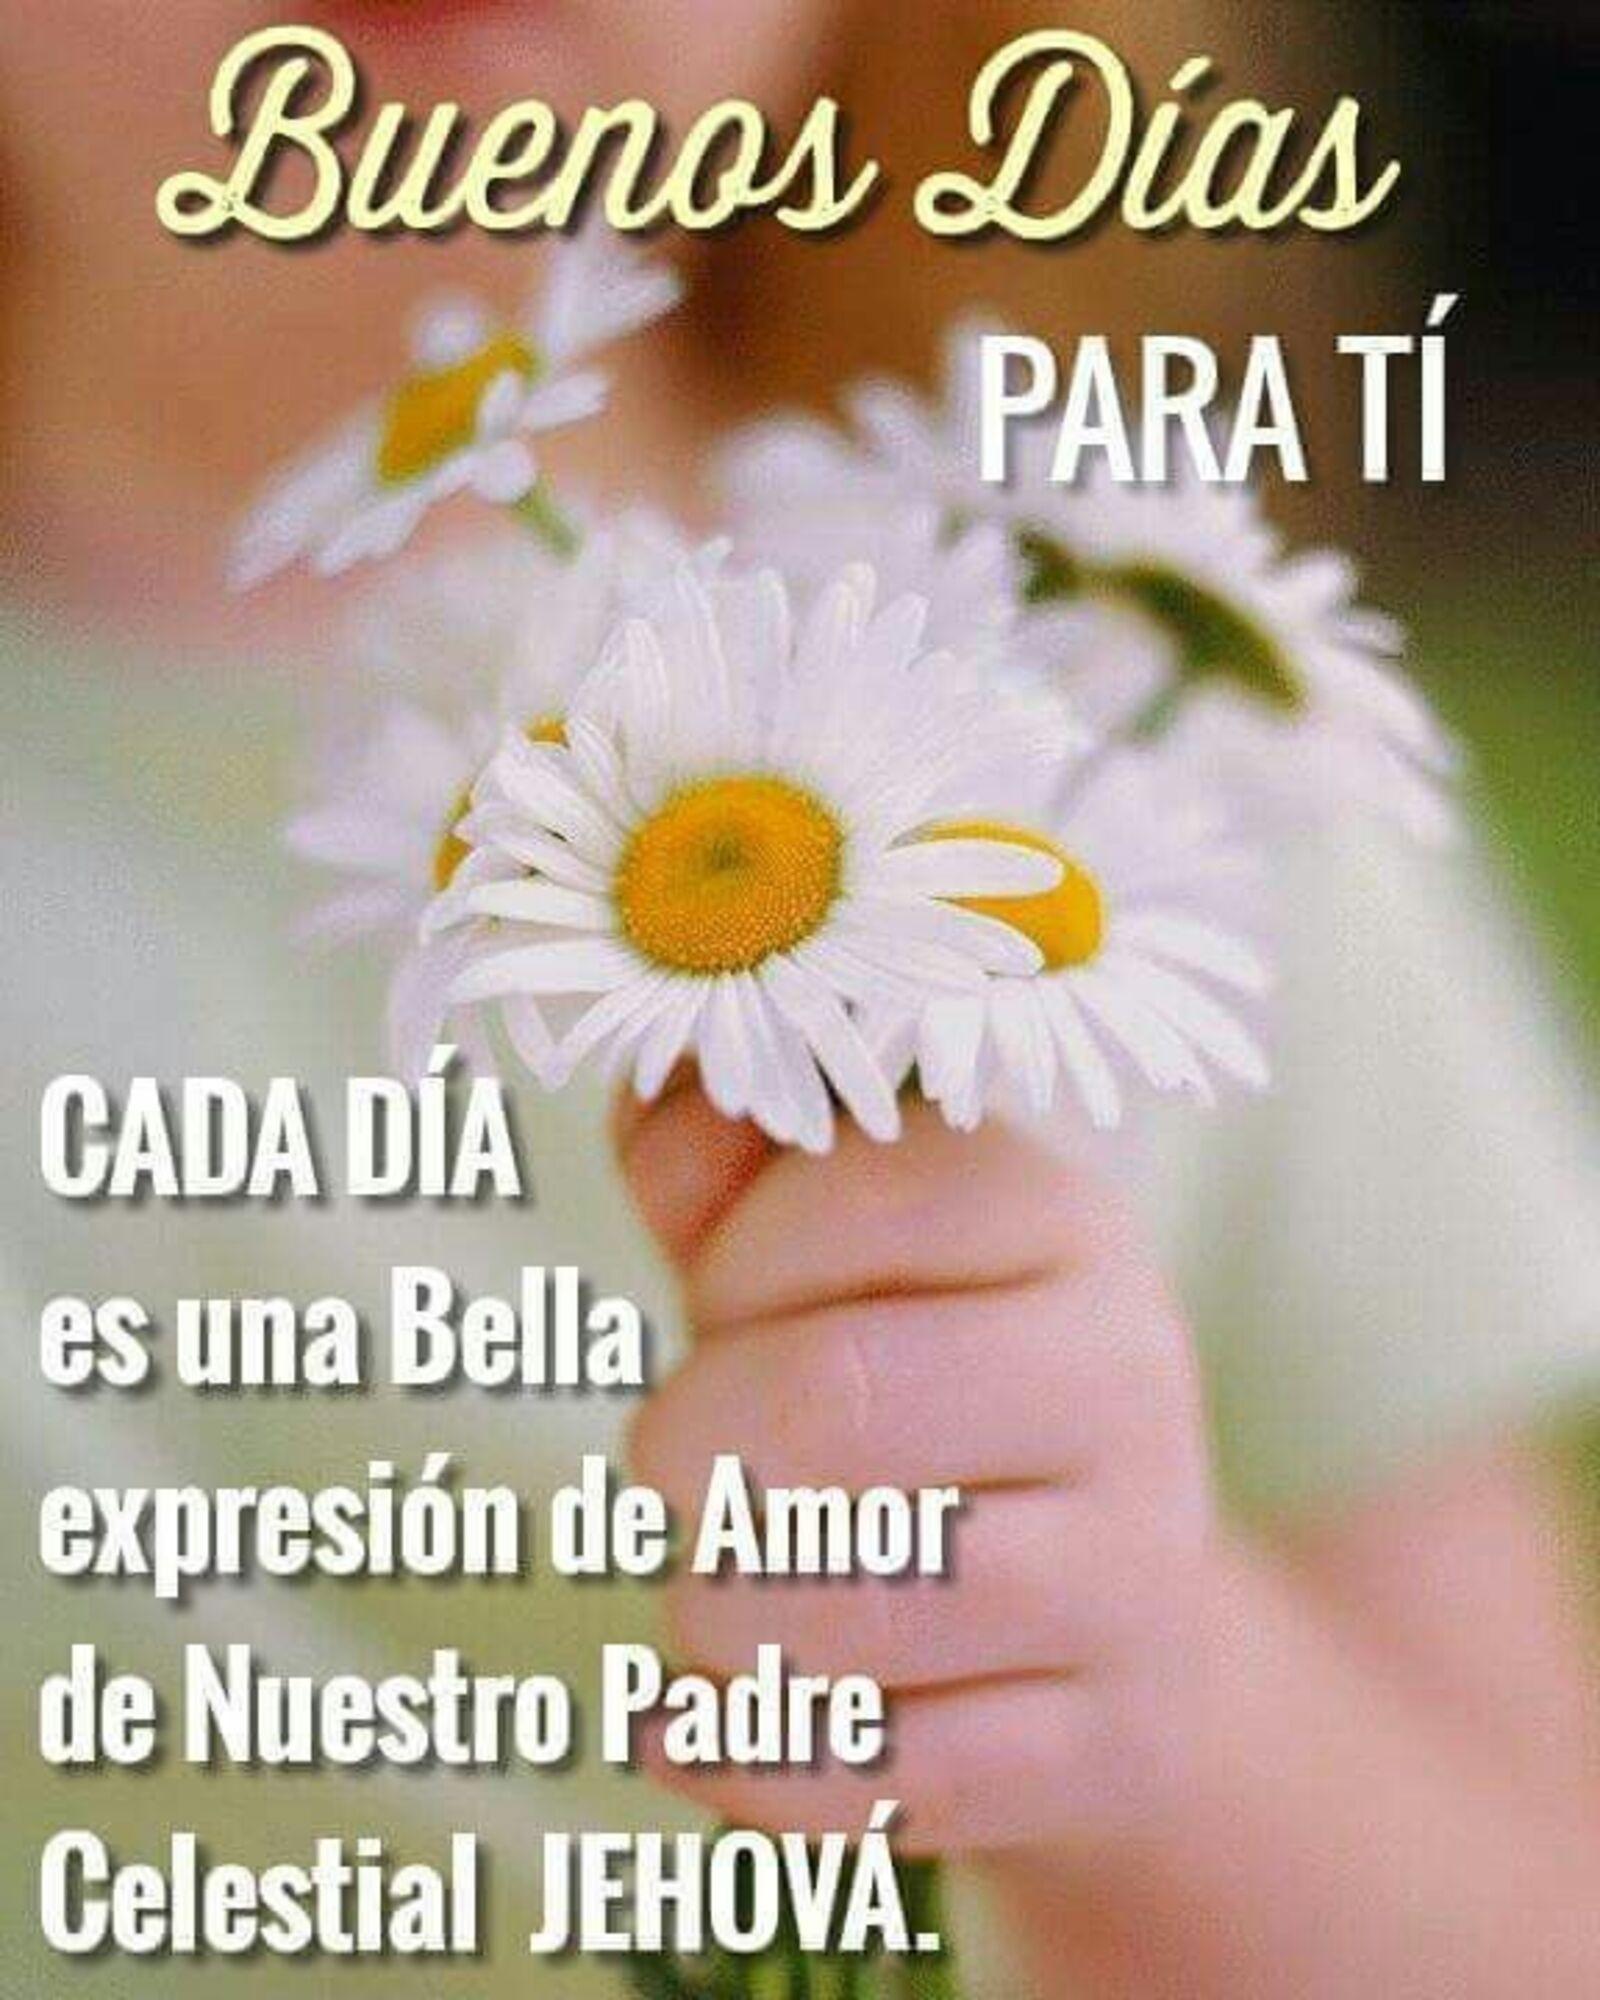 Buenos días para ti...cada día es una bella expresión de amor de nuestro Padre Celestial Jehova